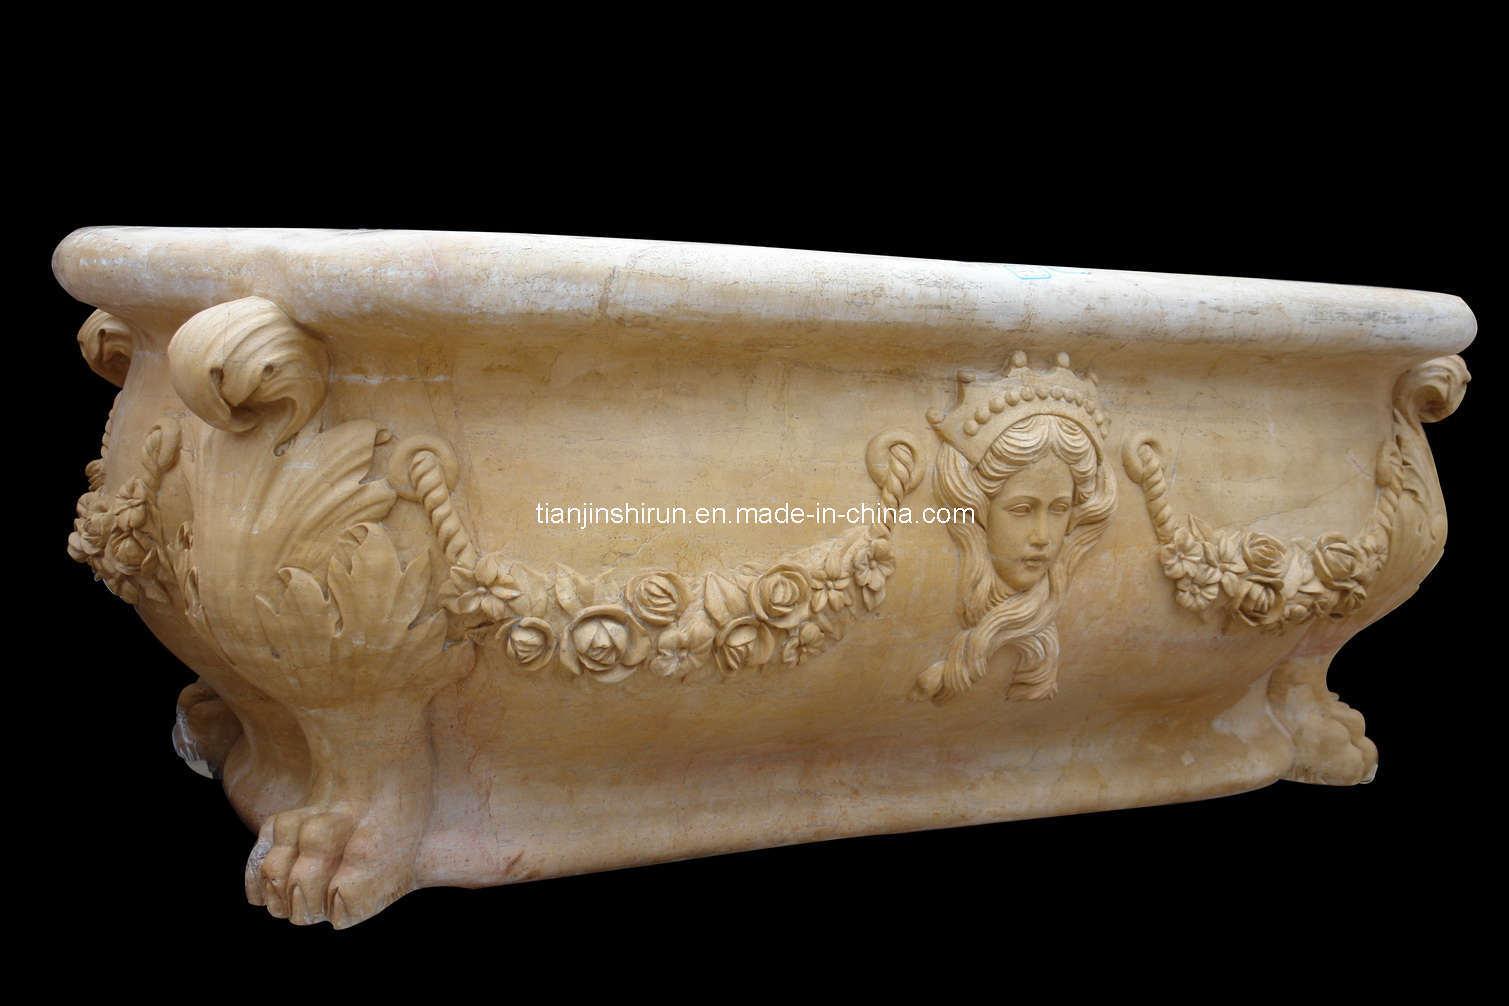 Vasca da bagno di pietra di scultura di marmo gialla - Bagno di marmo ...